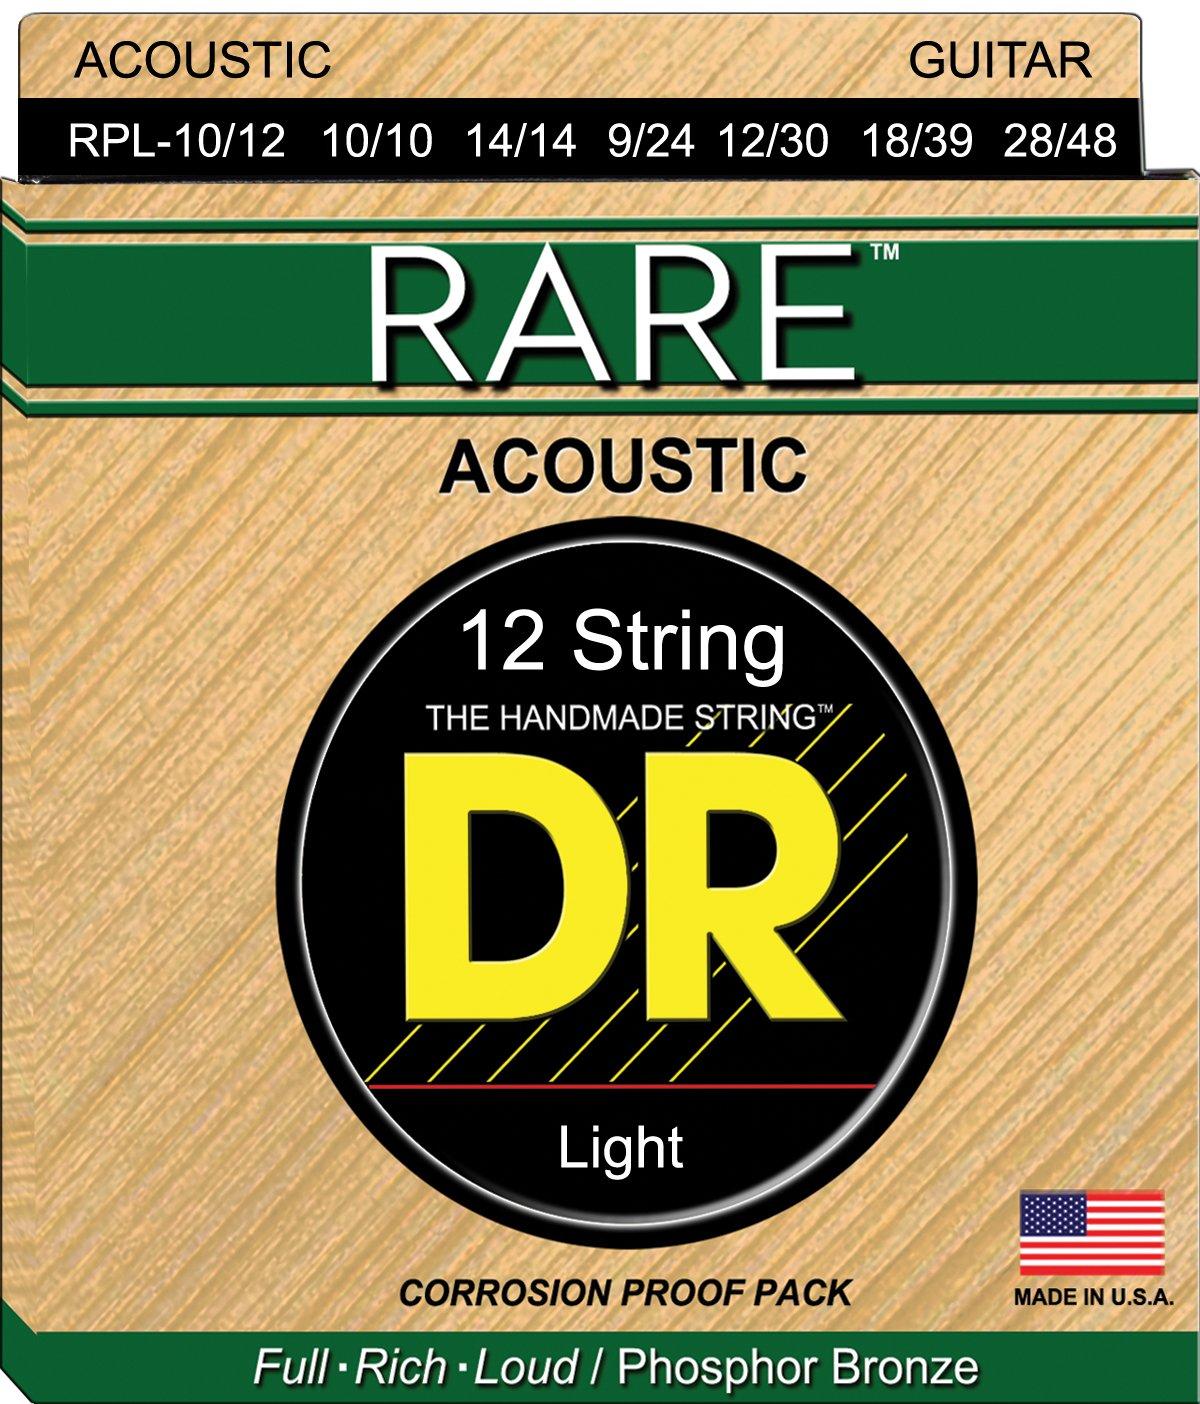 Dr Rare Phs Bz 12-Str